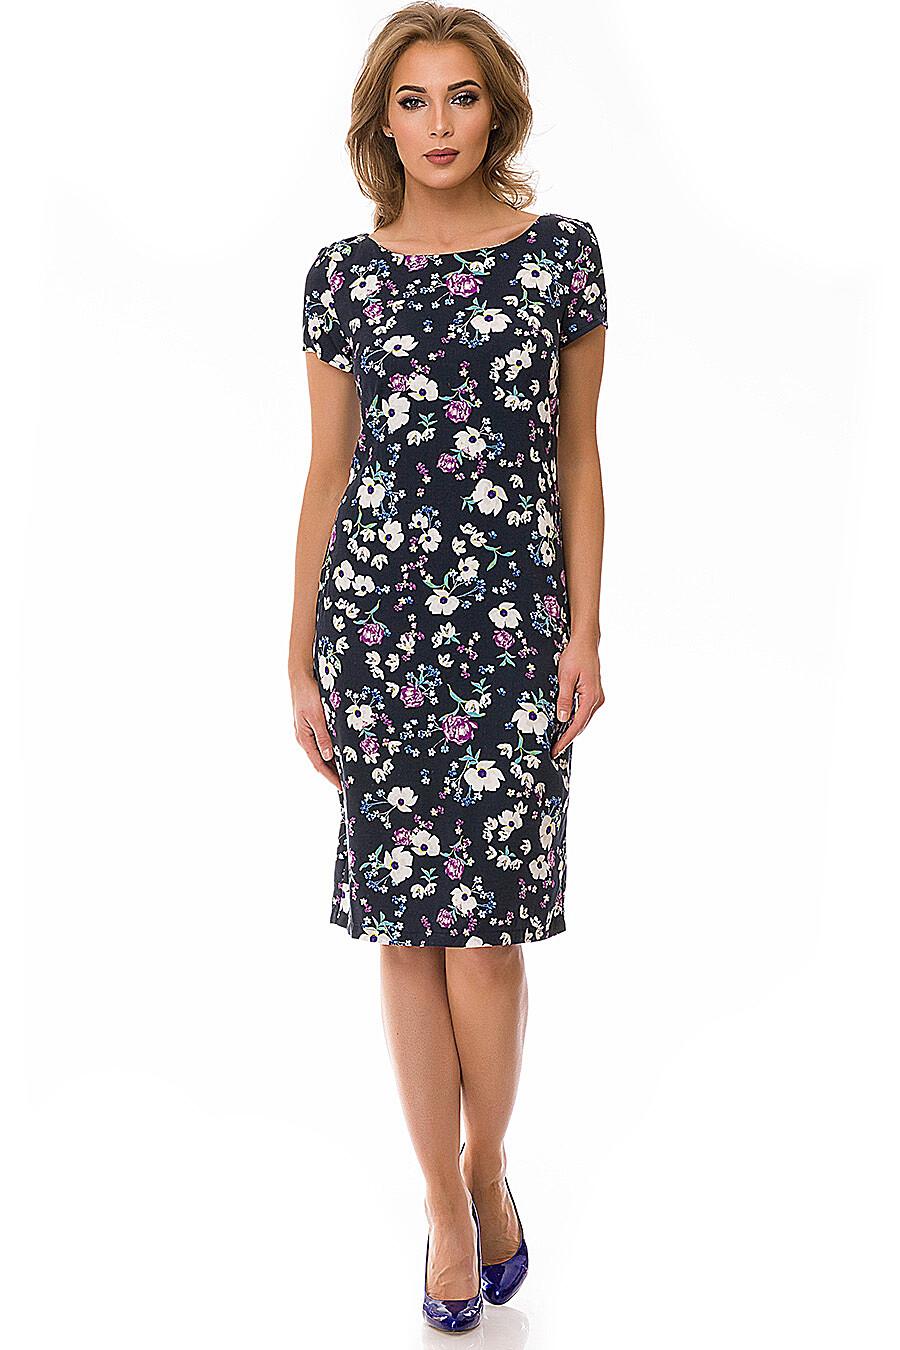 Платье #78182